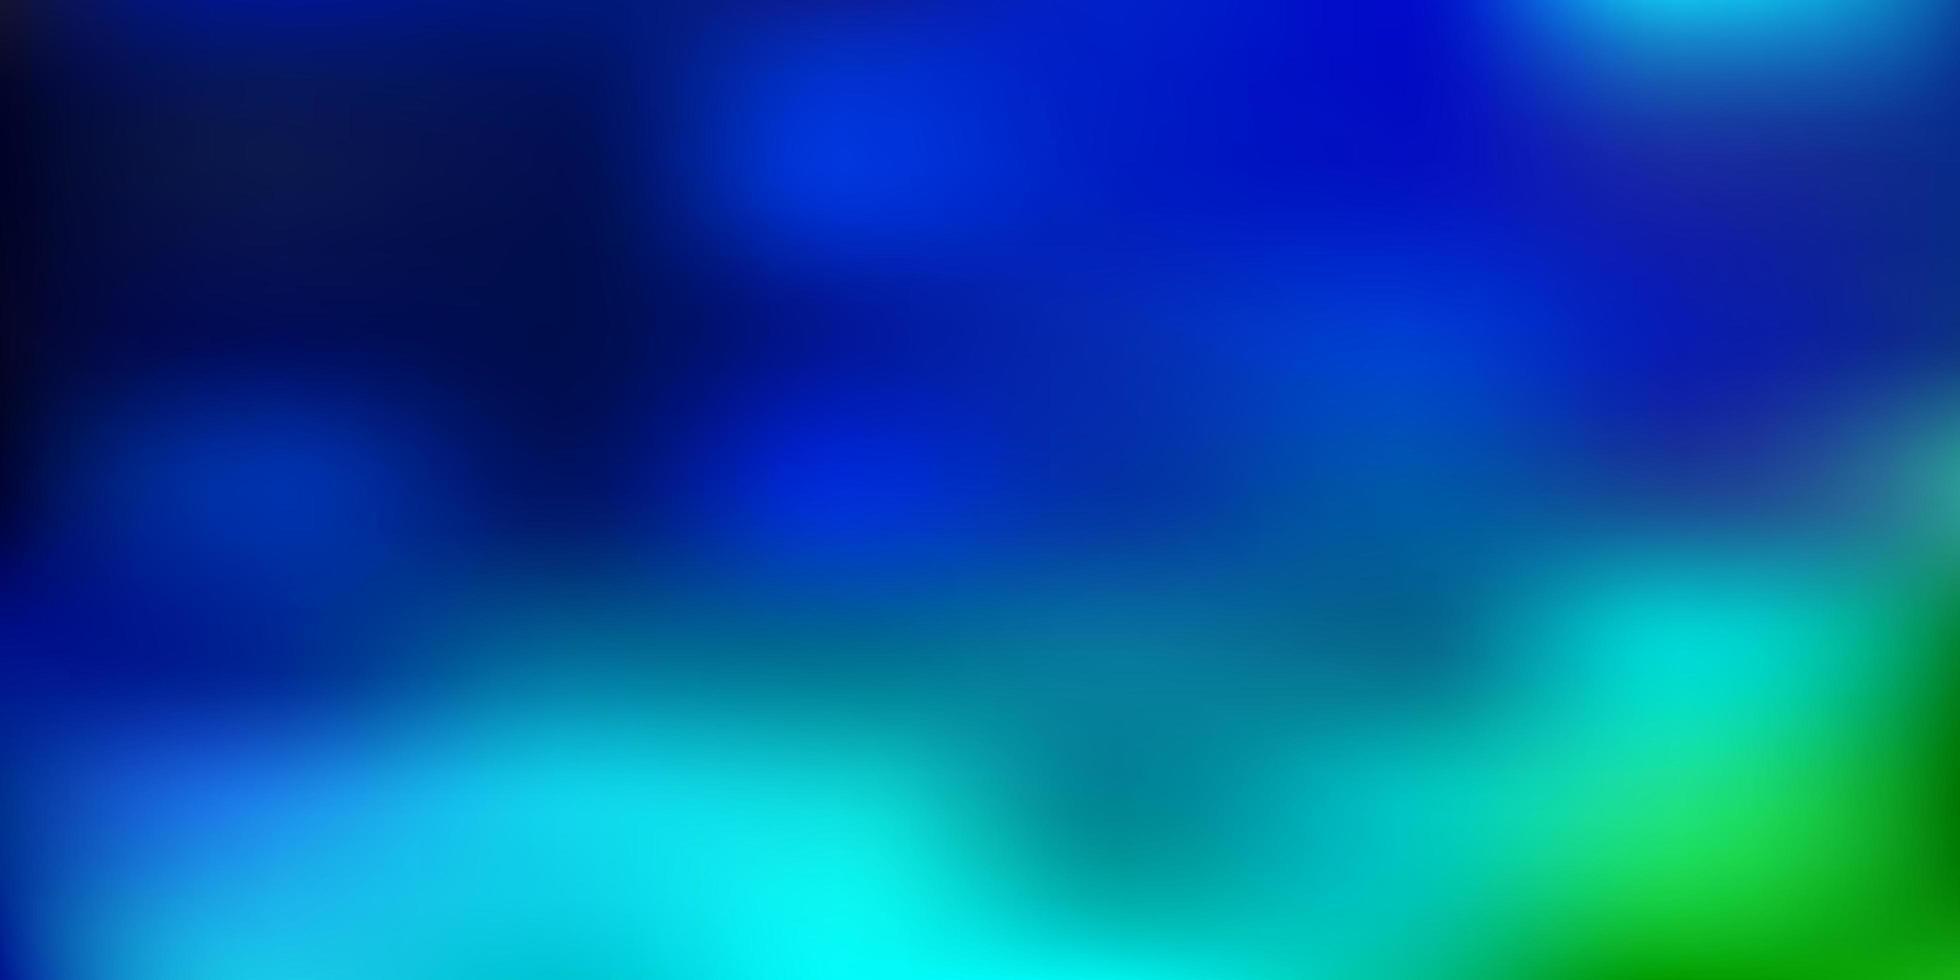 modelo de desfoque gradiente de vetor azul claro e verde.